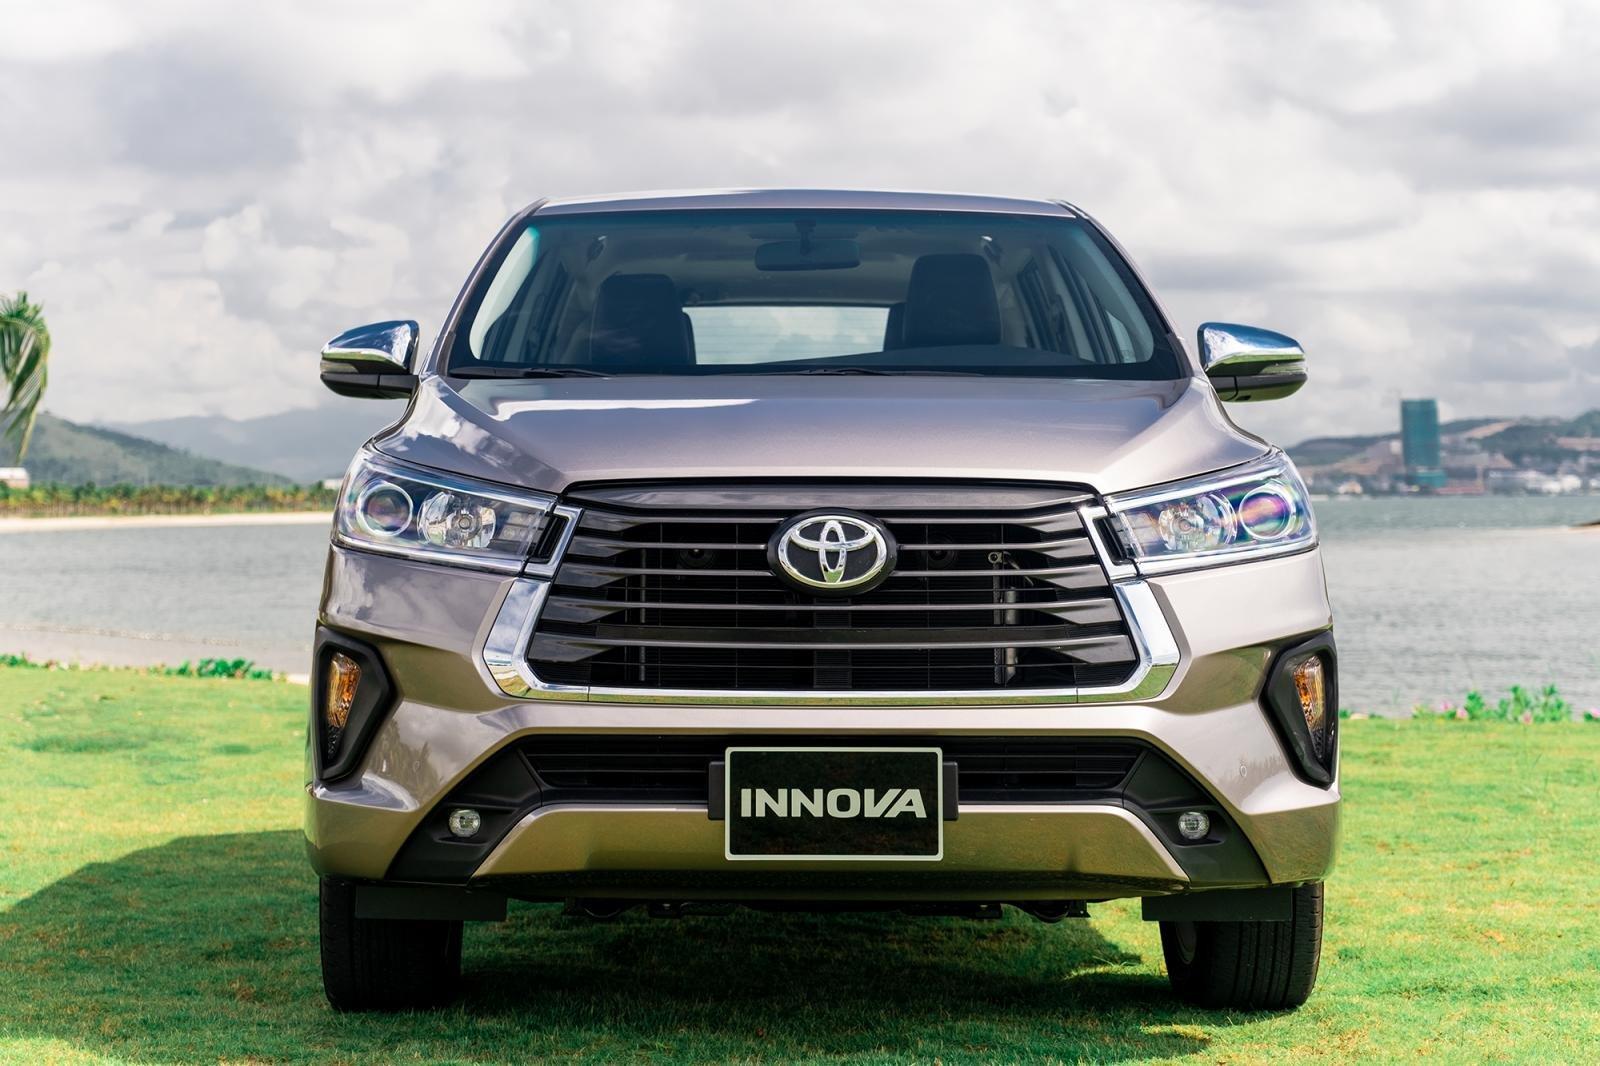 Thông số kỹ thuật xe hơi Toyota Innova 2020: Ngoại thất 1